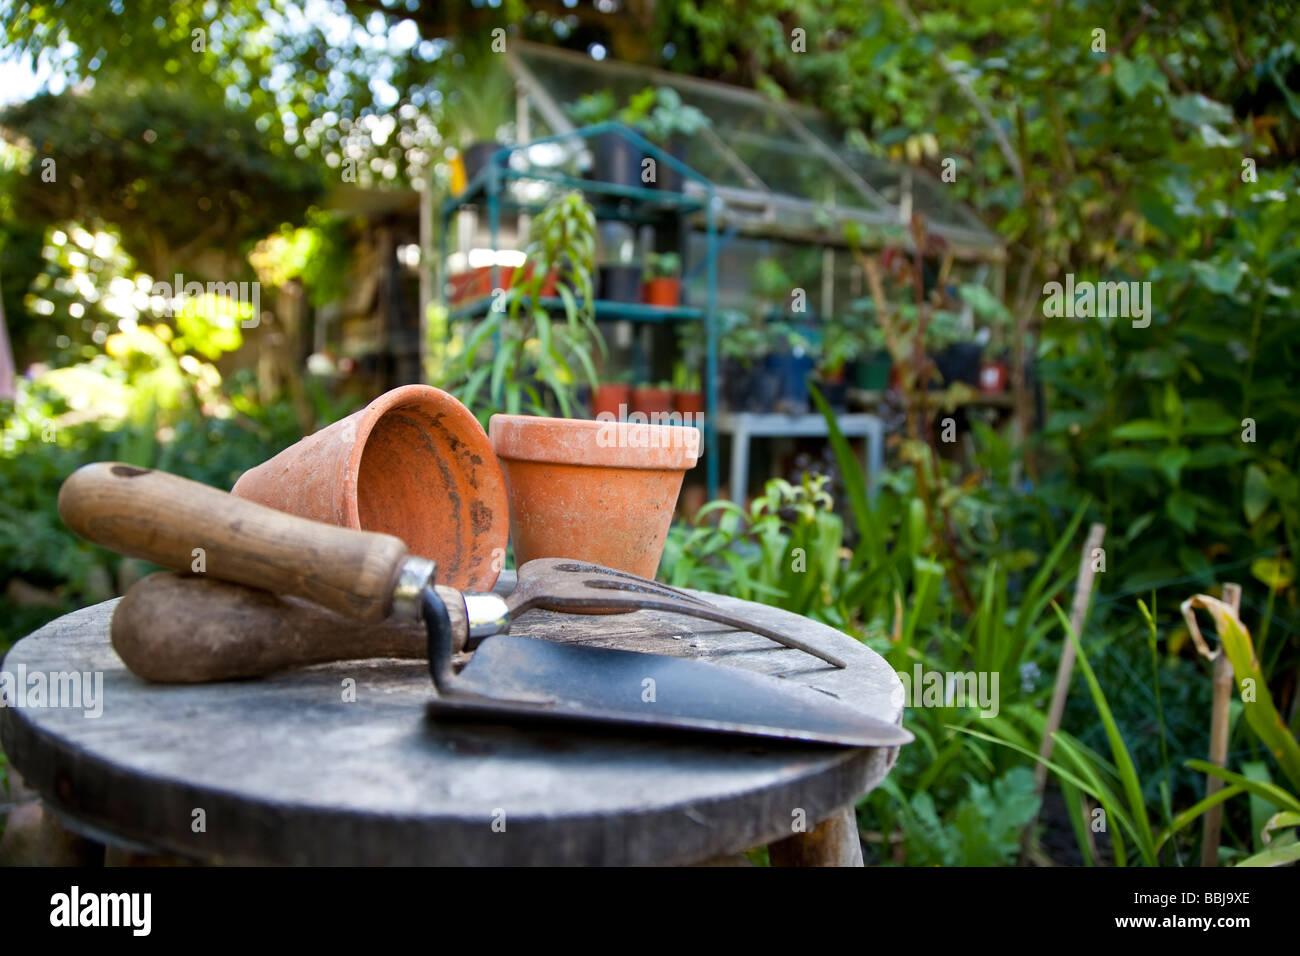 Utensili da giardinaggio e vasi di fiori appoggiati su uno sgabello